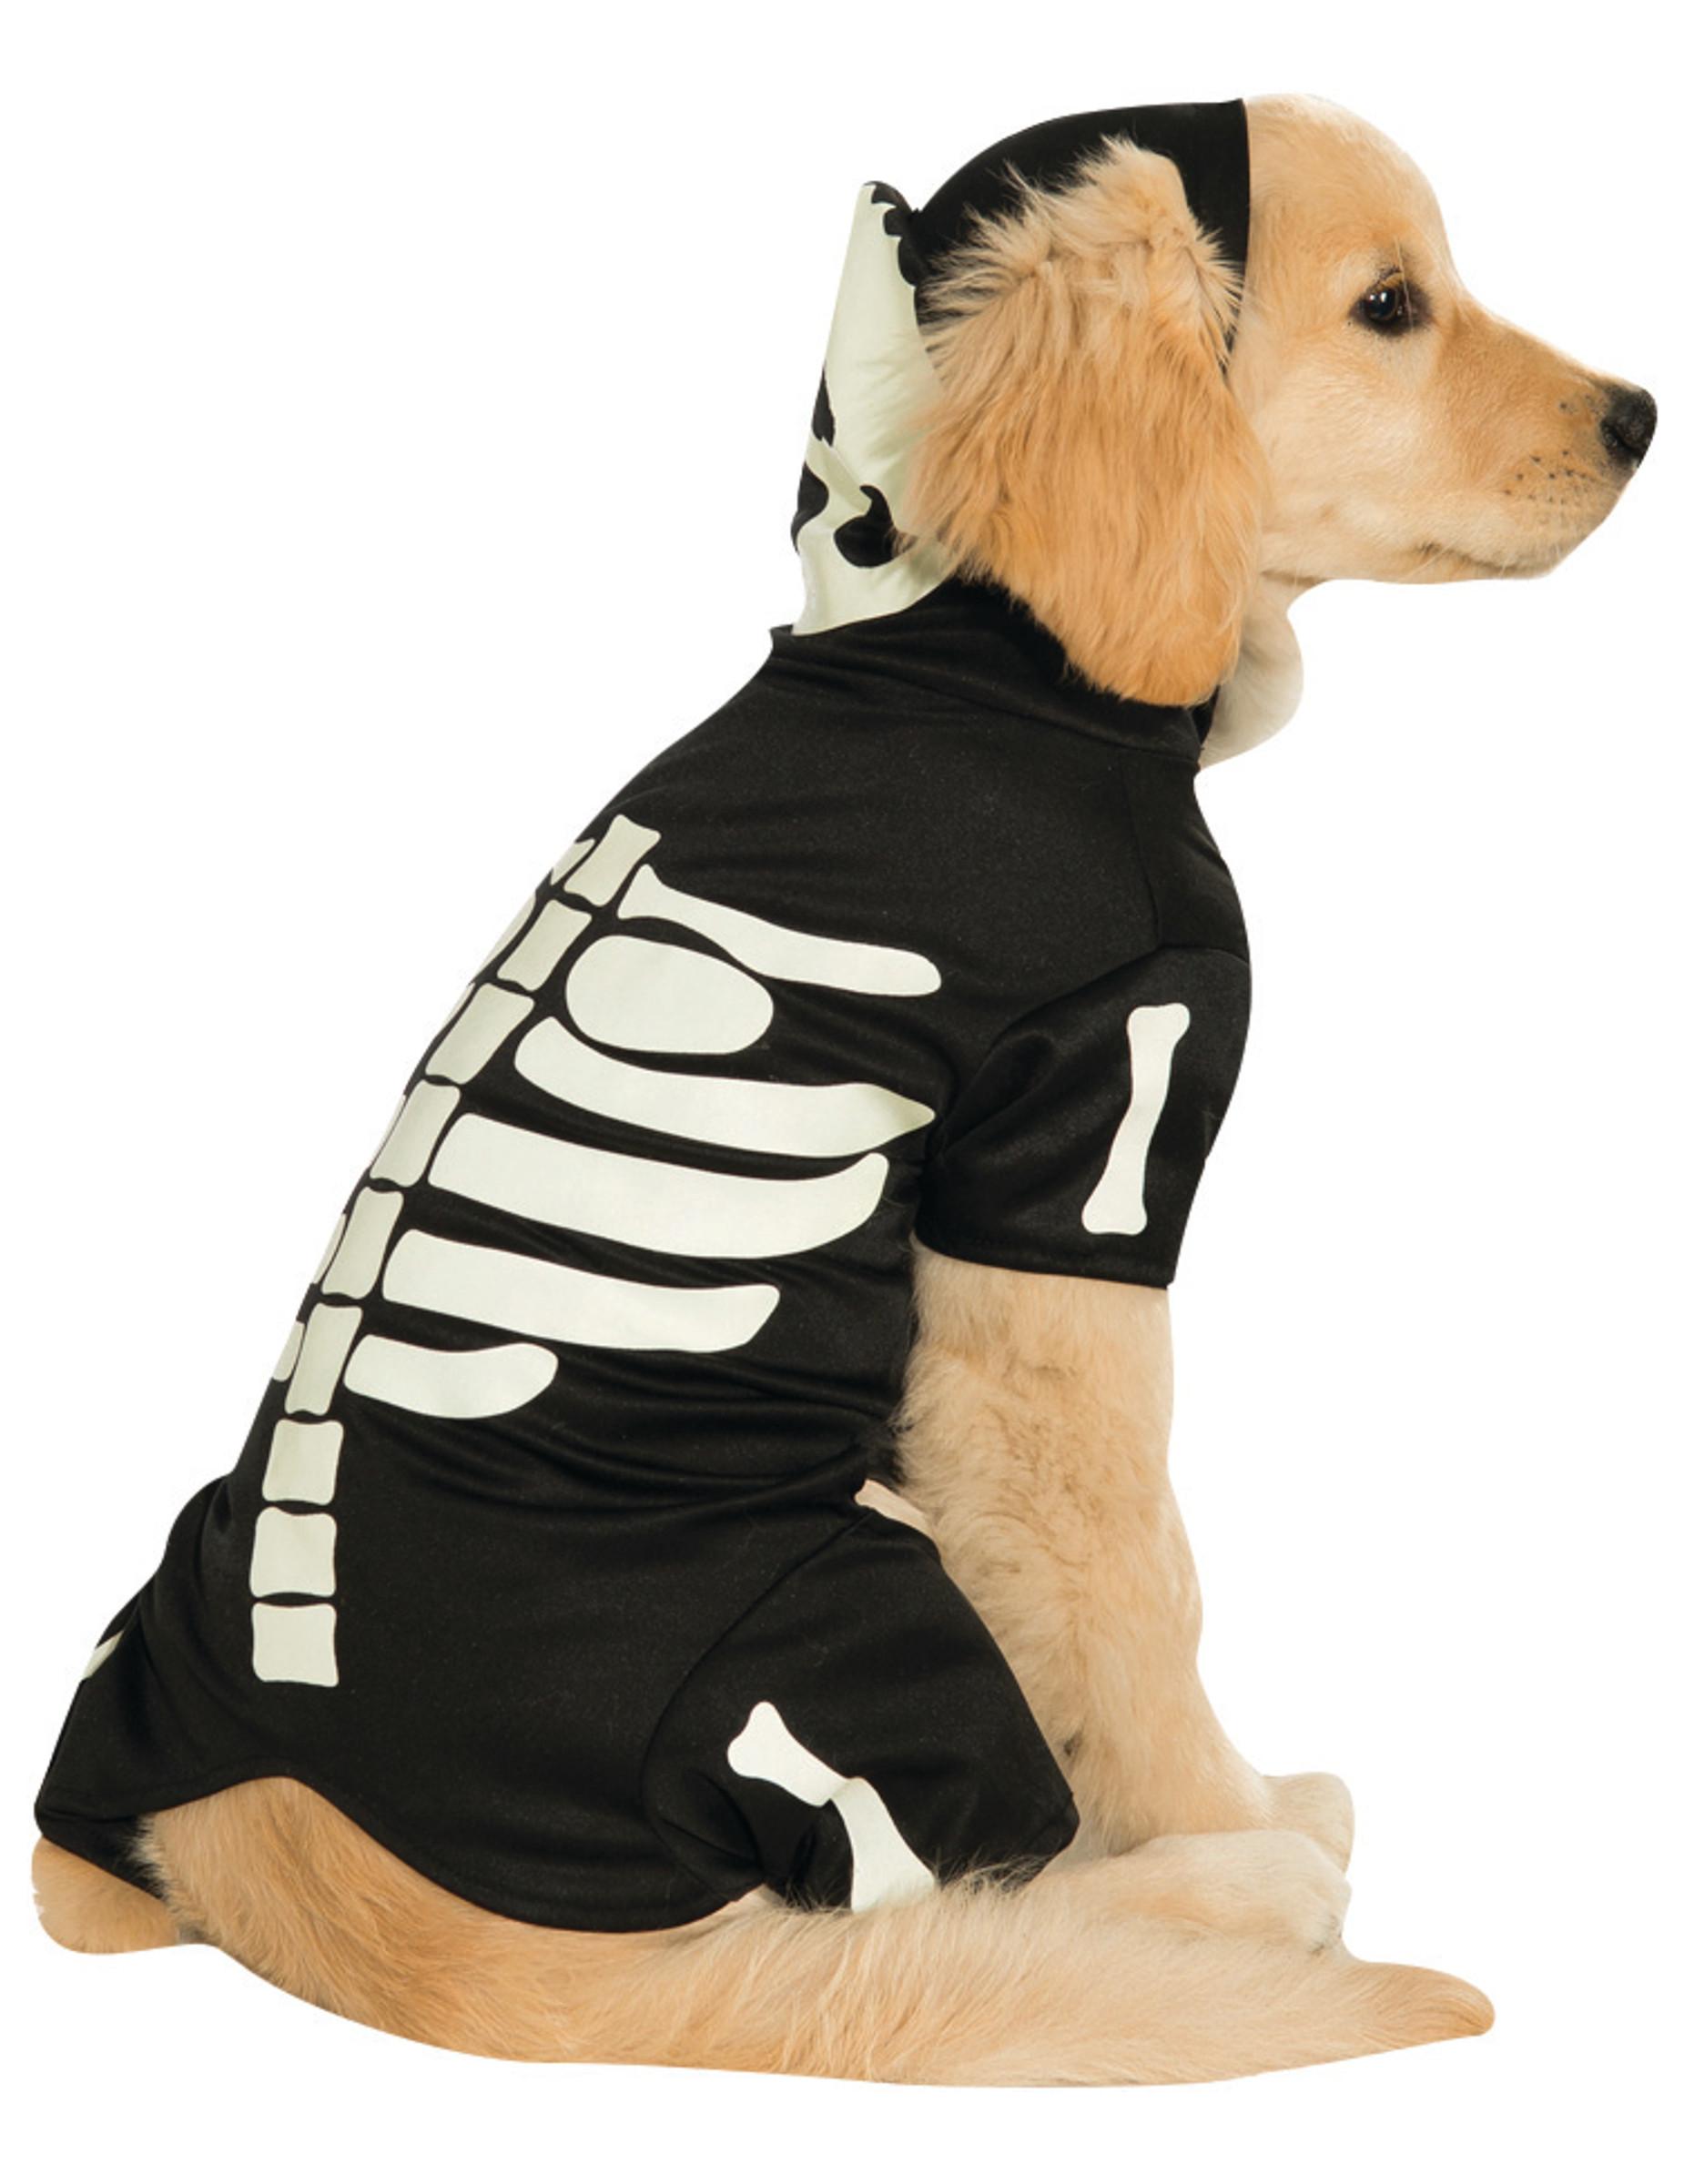 d guisement pour chien squelette phosphorescent deguise toi achat de accessoires. Black Bedroom Furniture Sets. Home Design Ideas